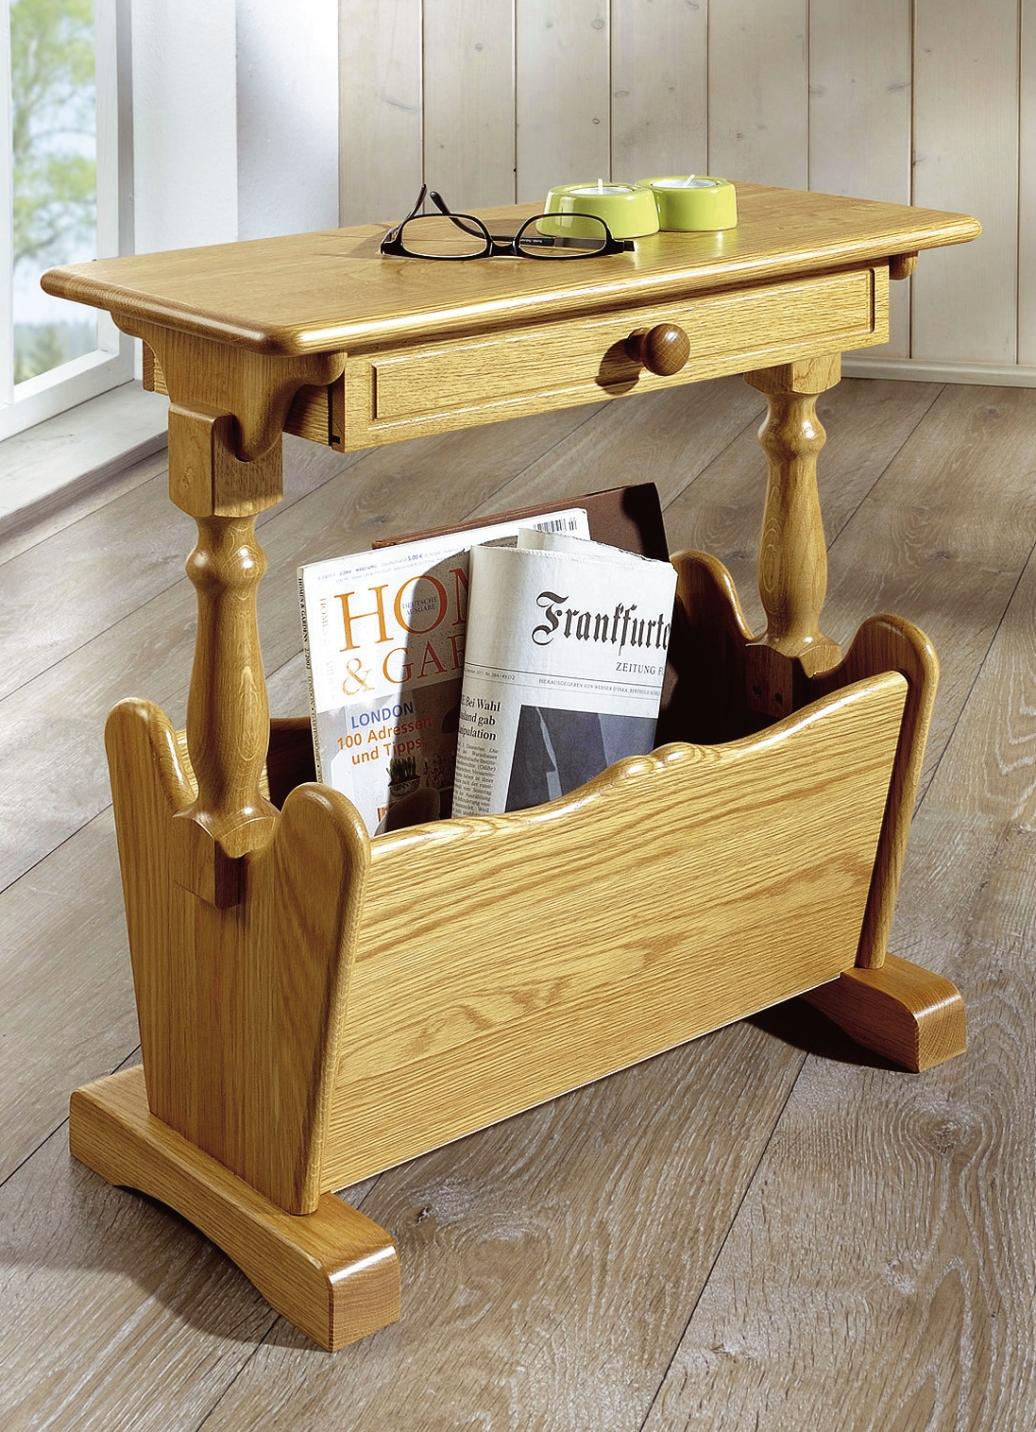 zeitungstisch in verschiedenen farben eiche rustikal m bel bader. Black Bedroom Furniture Sets. Home Design Ideas